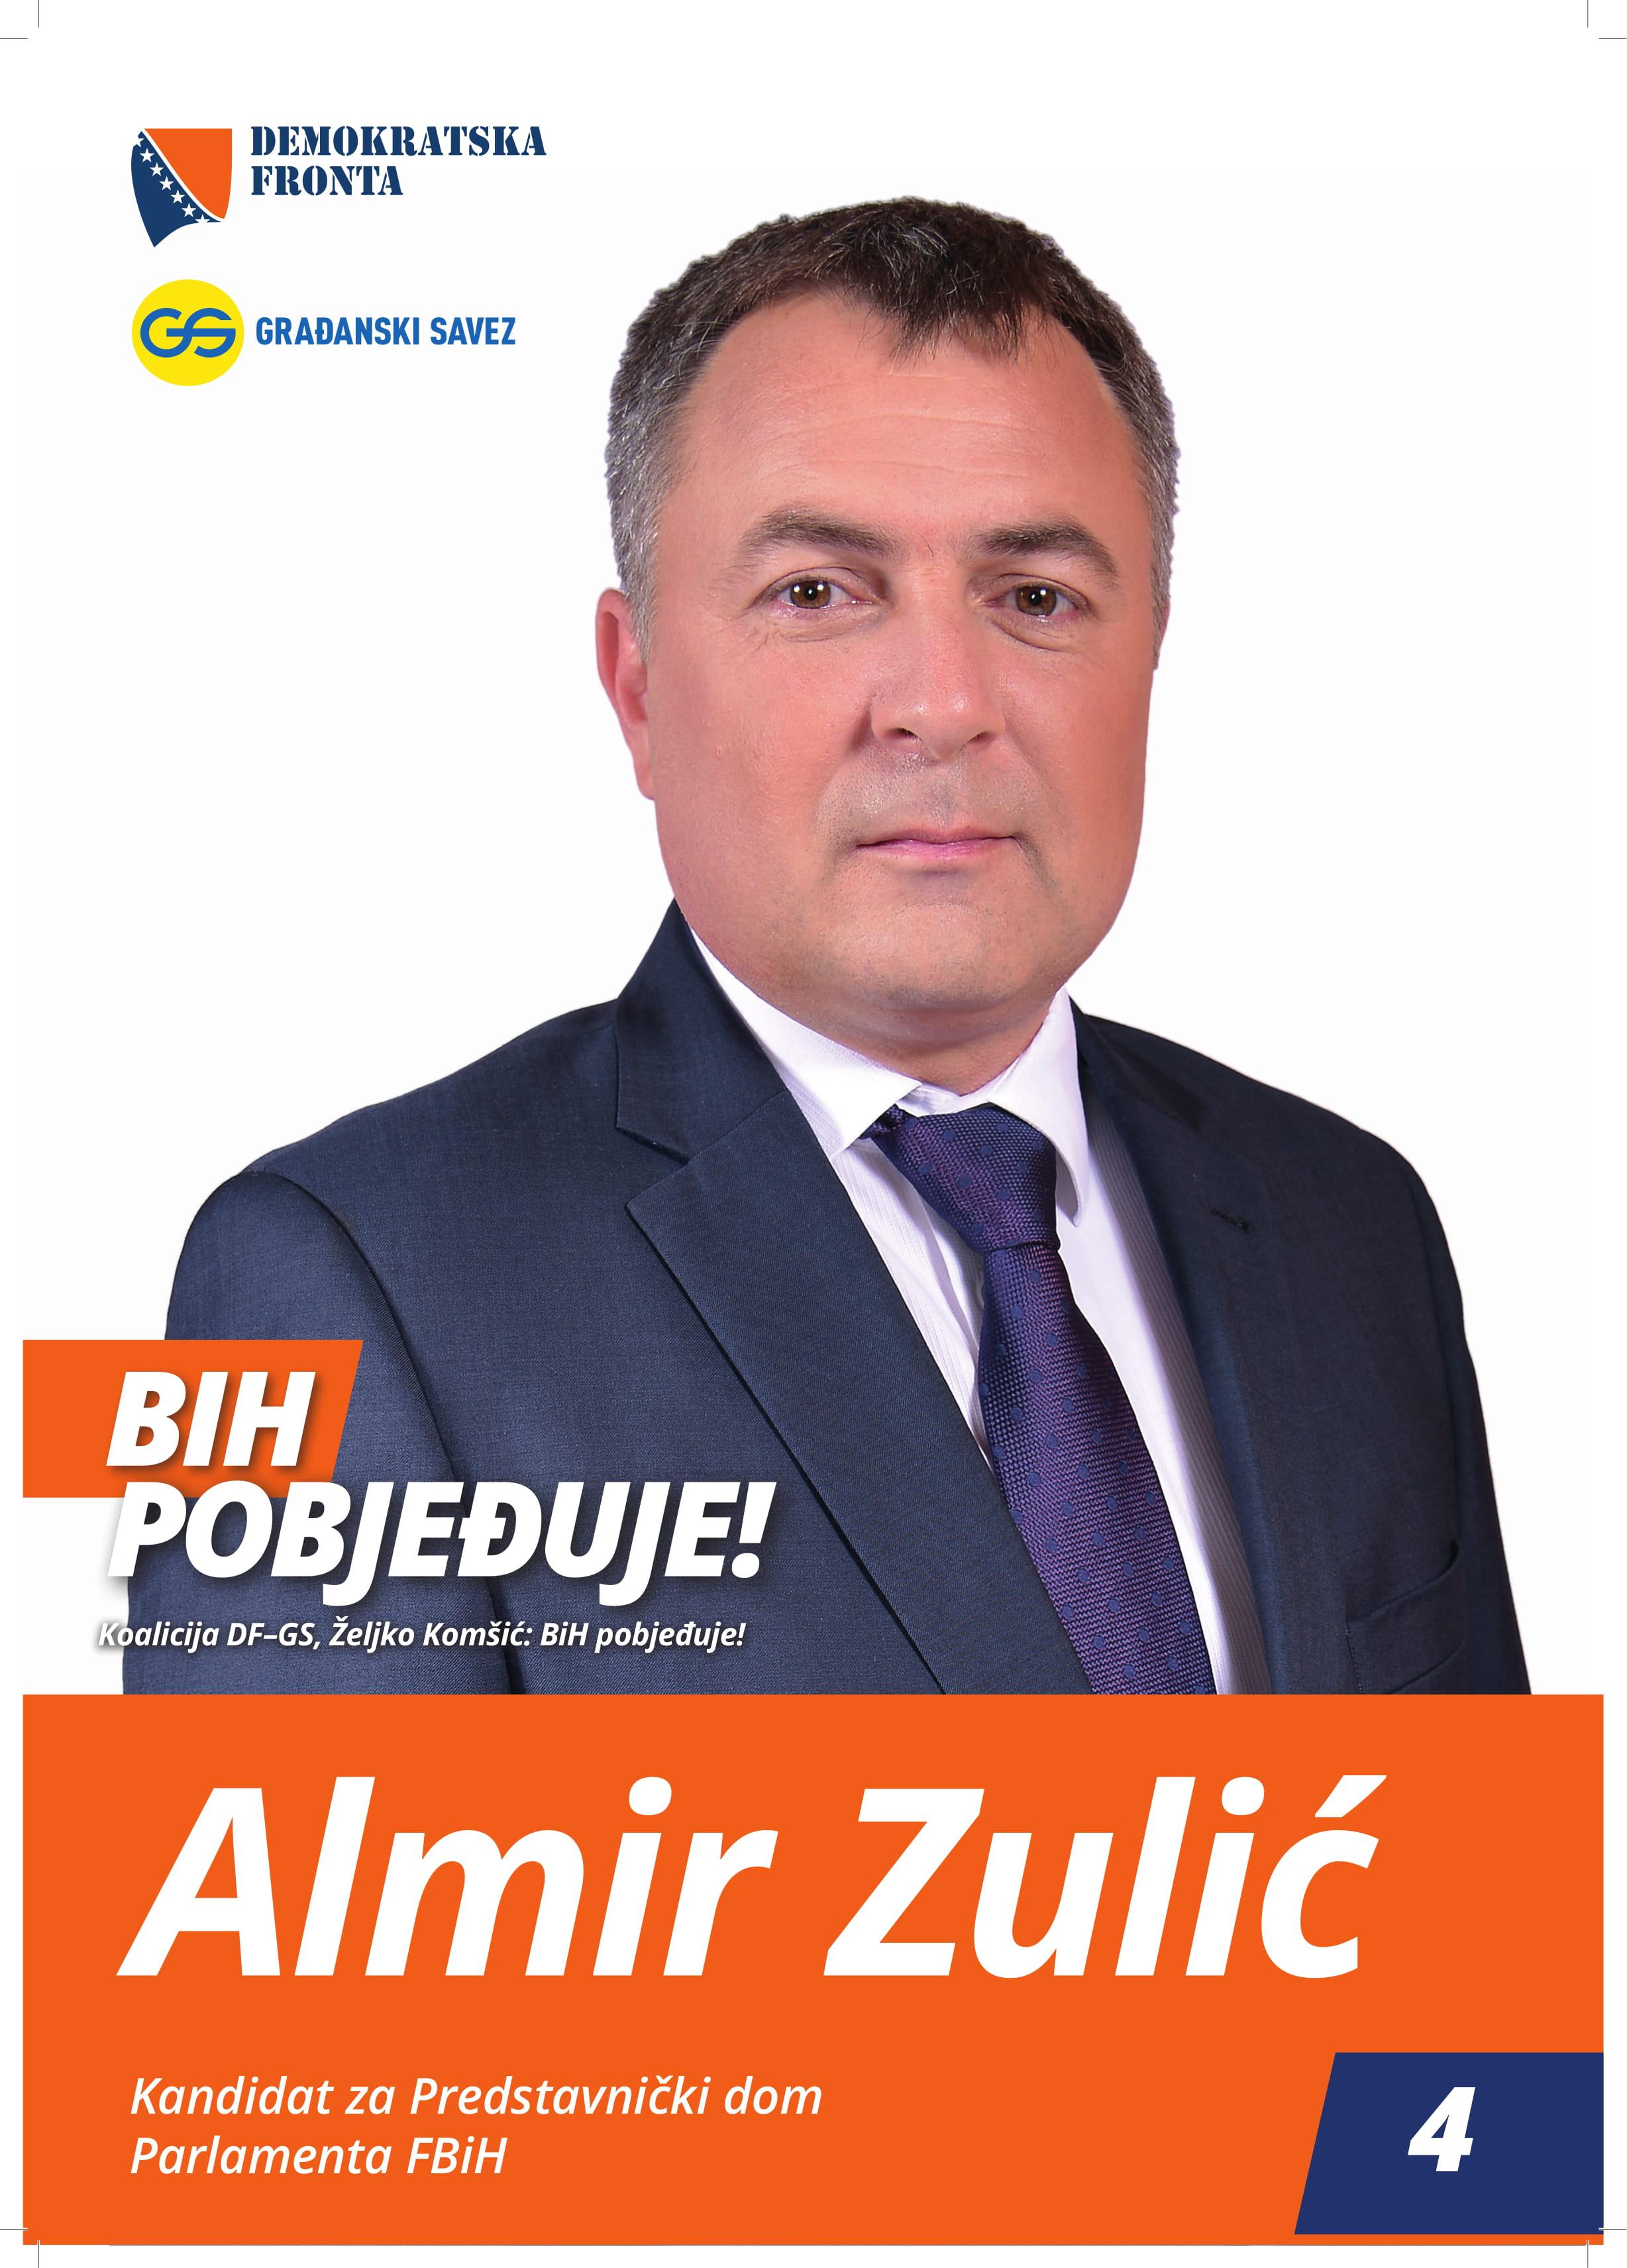 Almir Zulić, diplomirani menadžer za finansije i bankarstvo